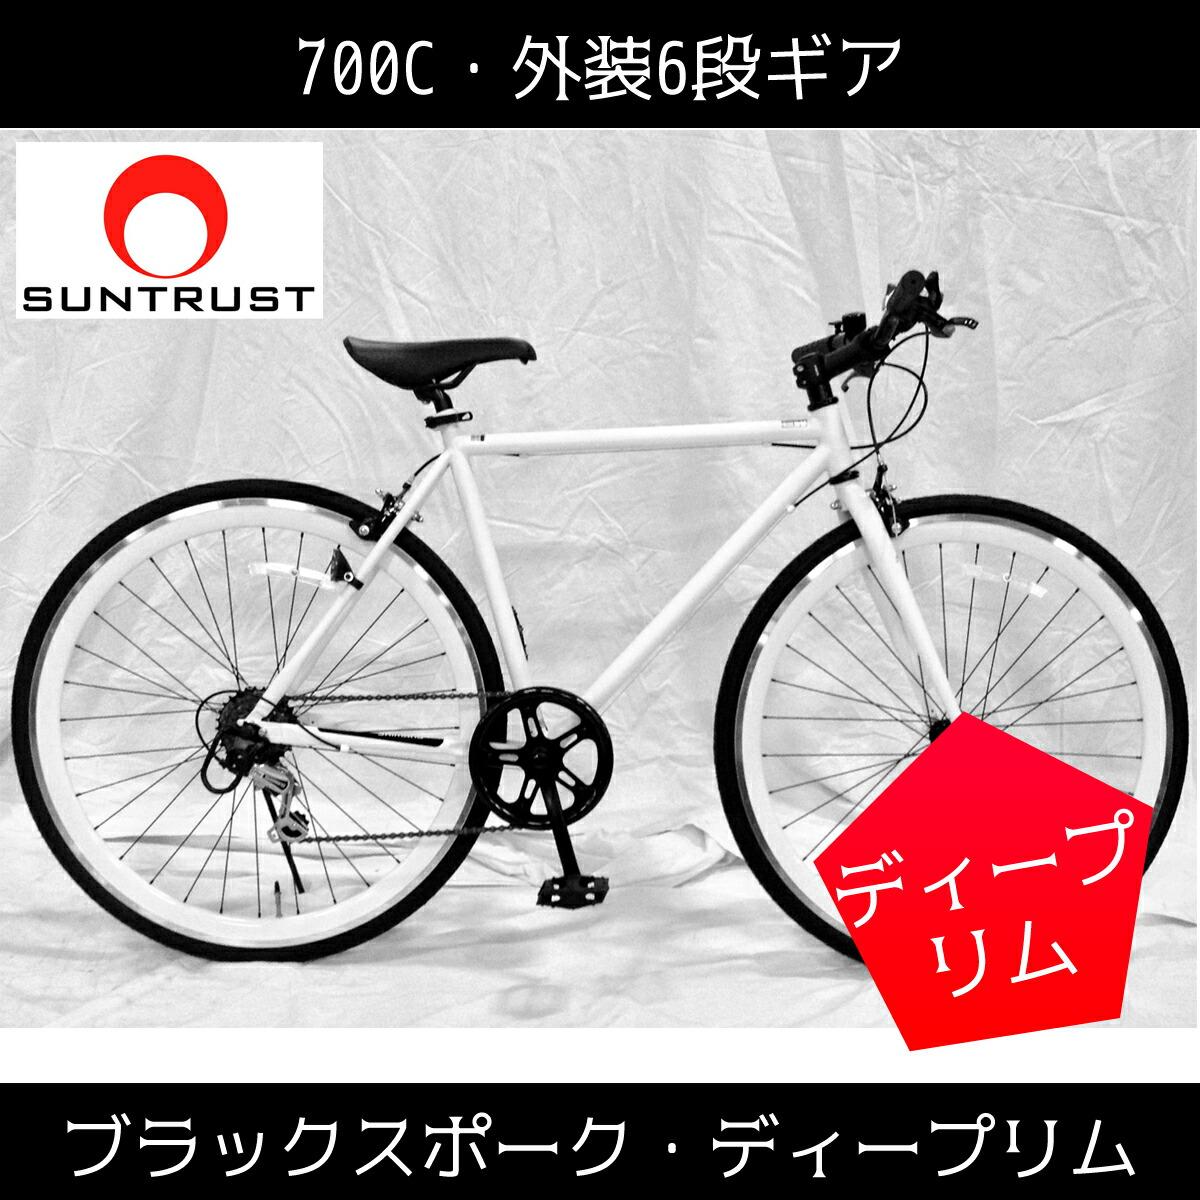 クロスバイク 自転車 700c クロスバイク 6段ギア ディープリム ブラックスポーク サントラスト SUNTRUST ホワイト/白 クロスバイク かっこいい 自転車